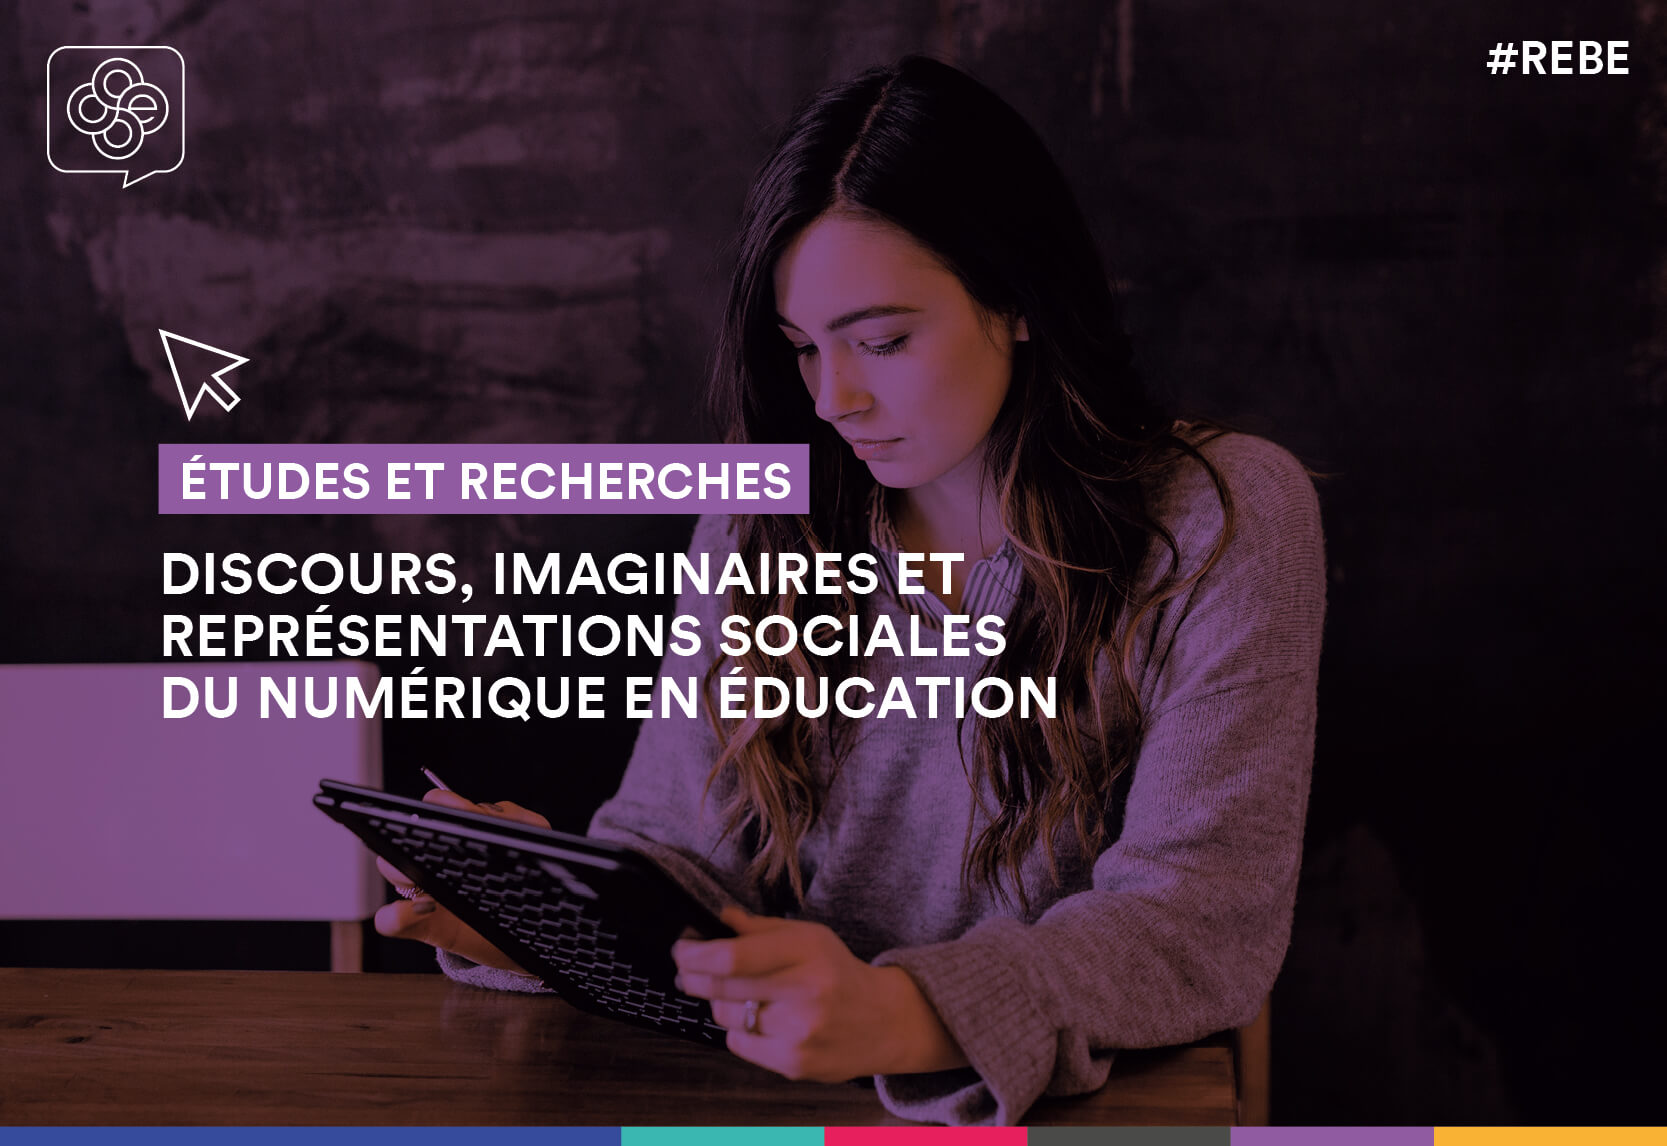 Discours, imaginaires et représentations sociales du numérique en éducation